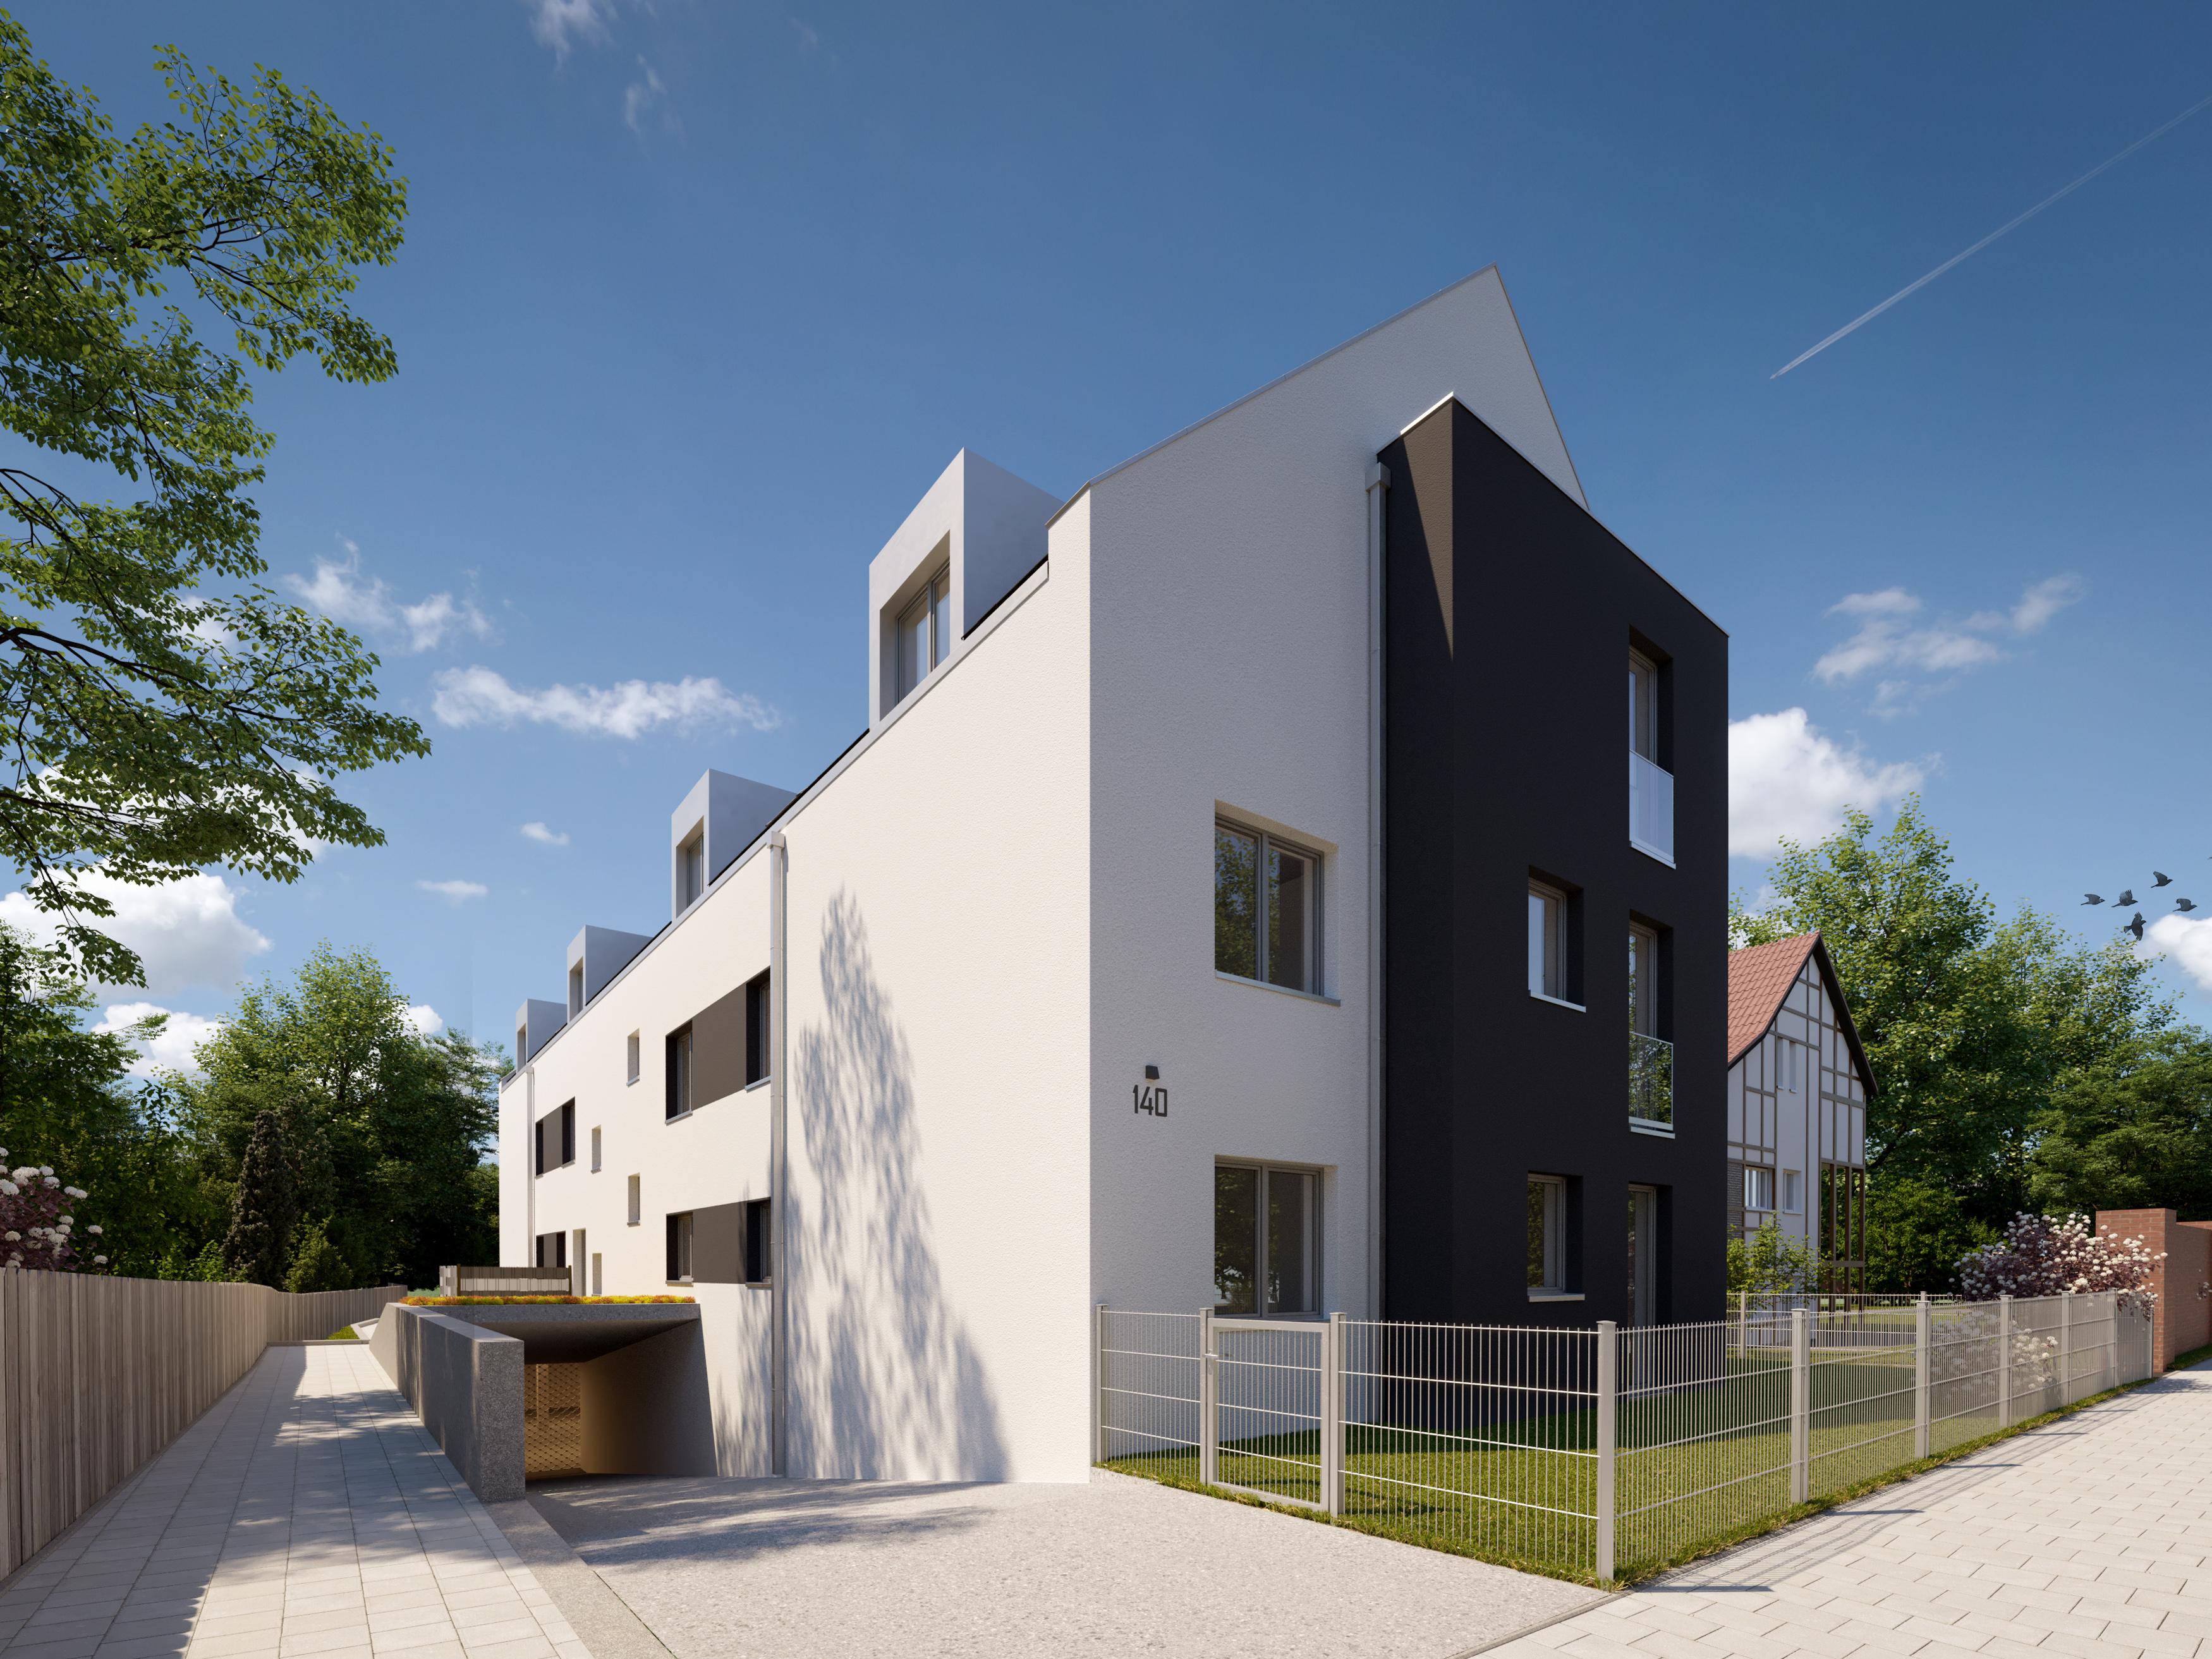 Eigentumswohnungen – Neubau in Braunschweig | Braunschweig Makler